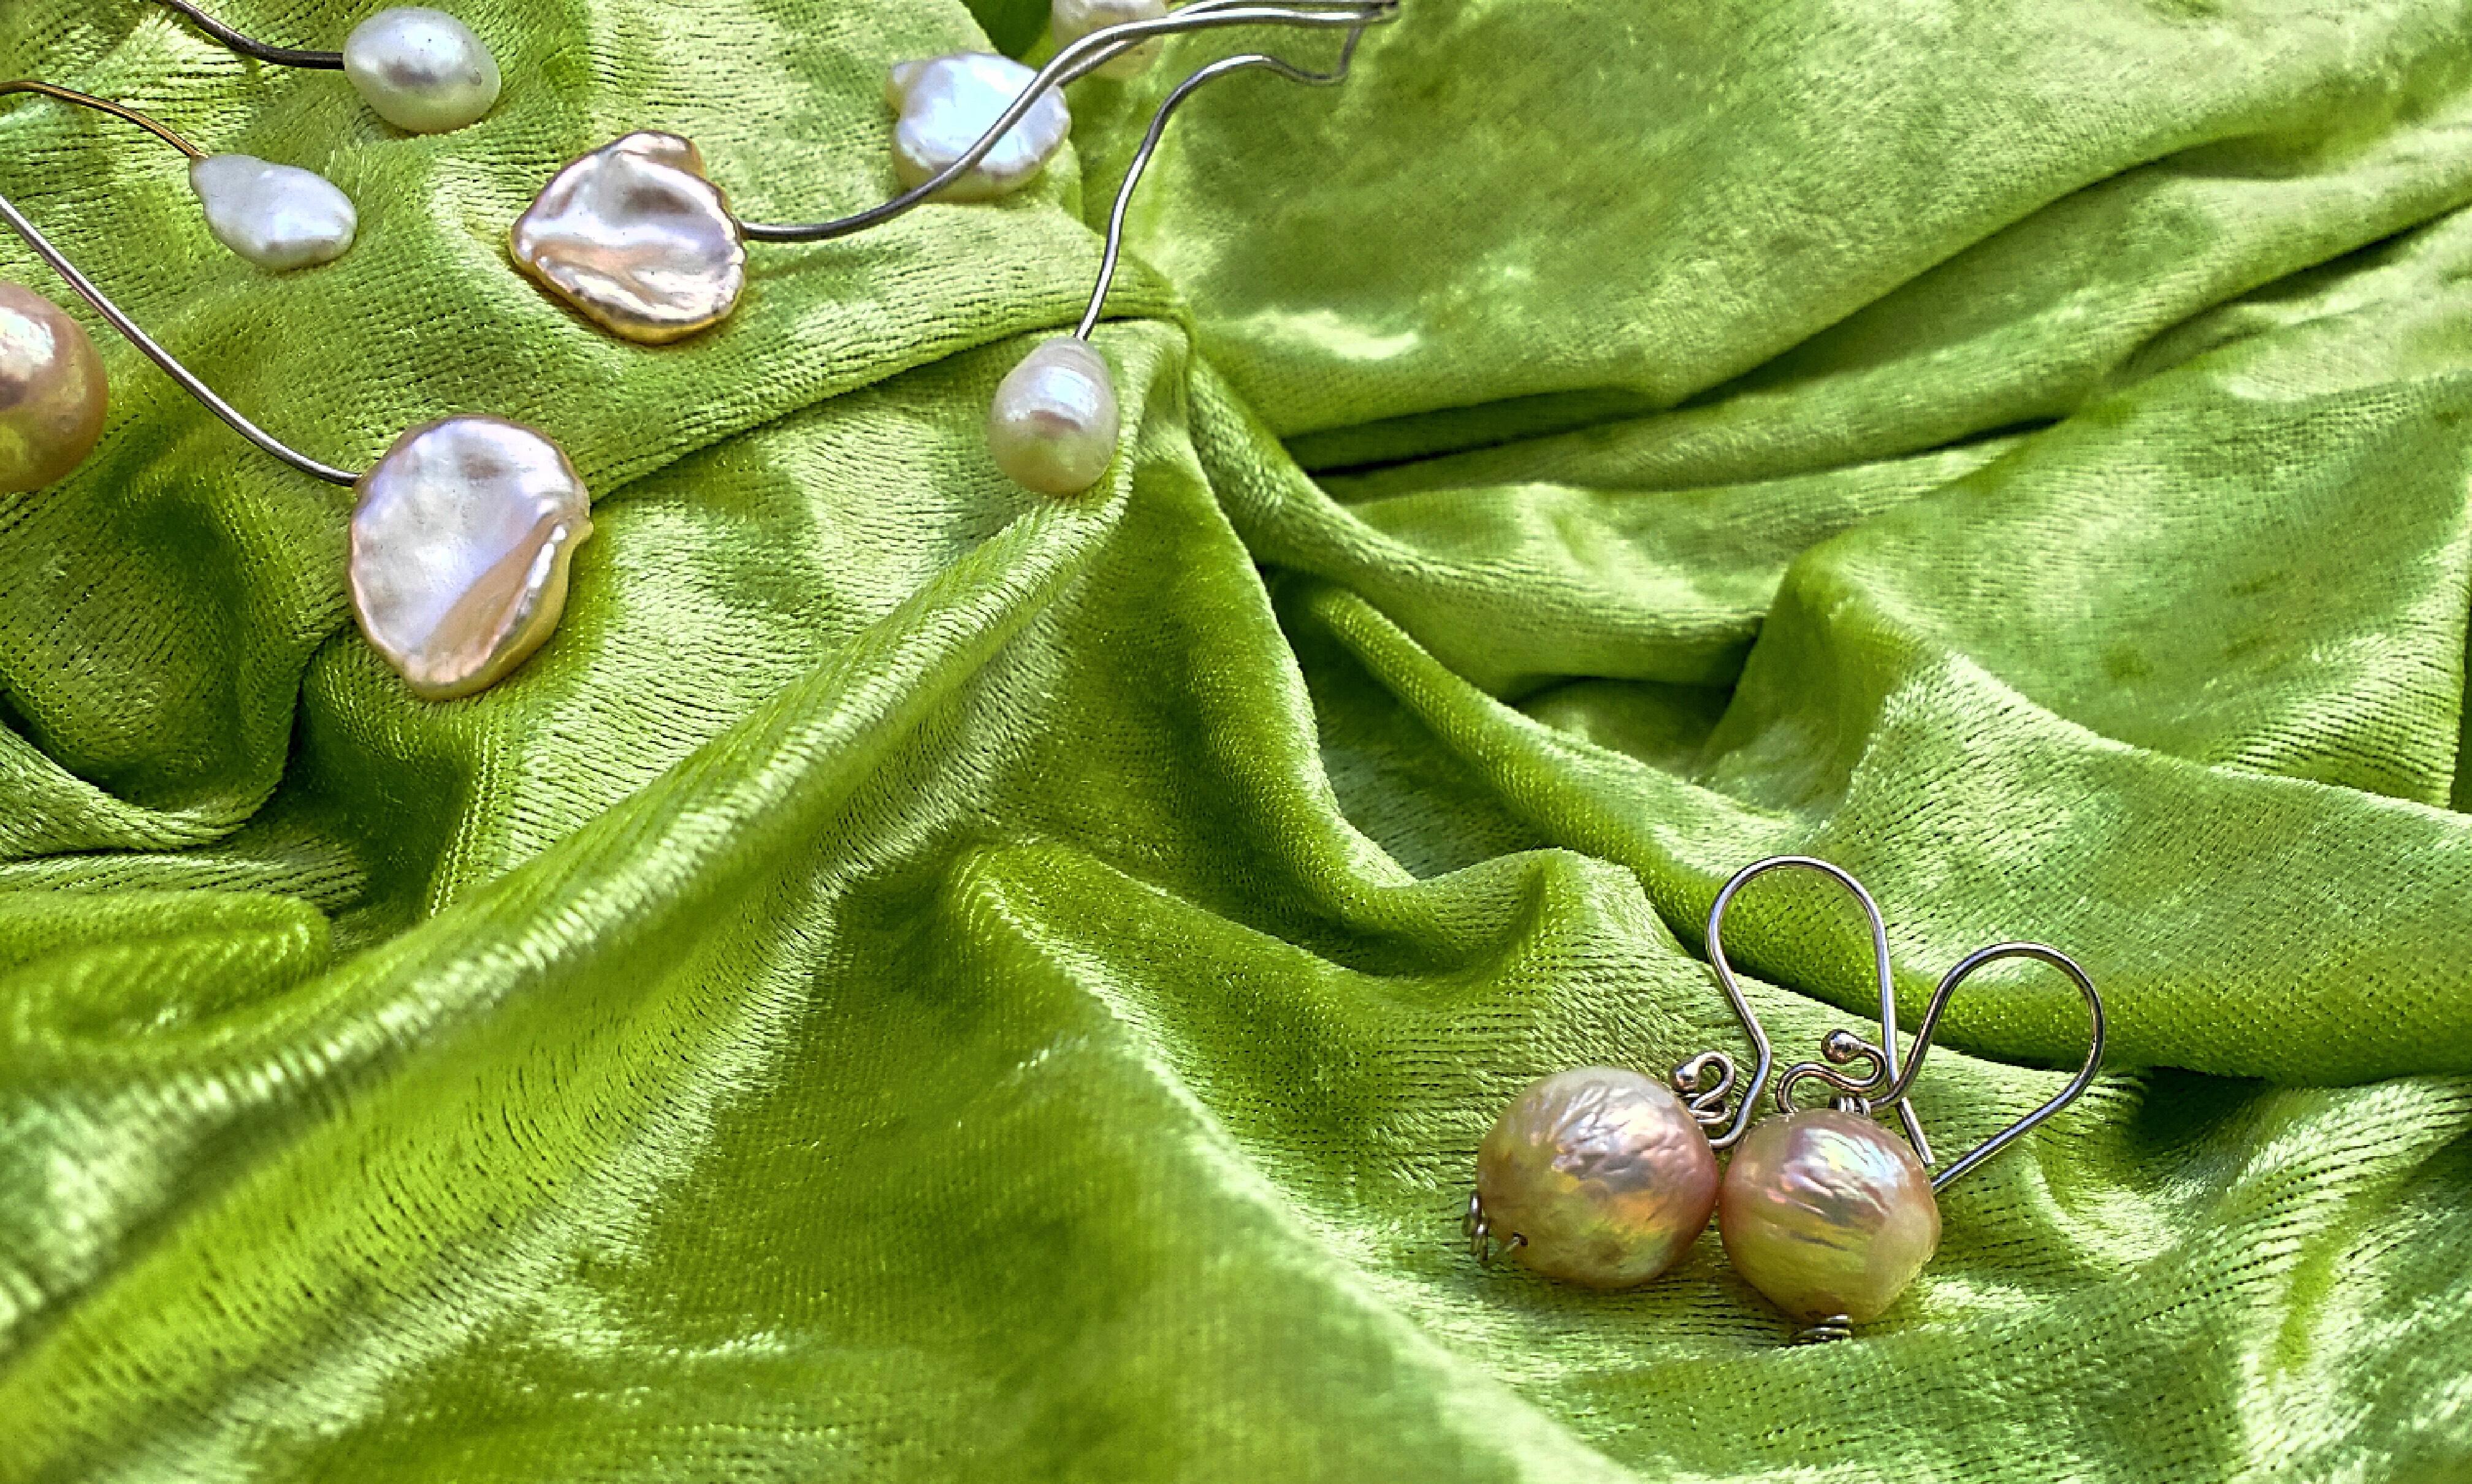 Elegante zilveren oorbellen met prachtige parels om volop te stralen! Combineert super met de unieke ketting Pearl Wonders (zilveren spang met zilver- en gouddraad)